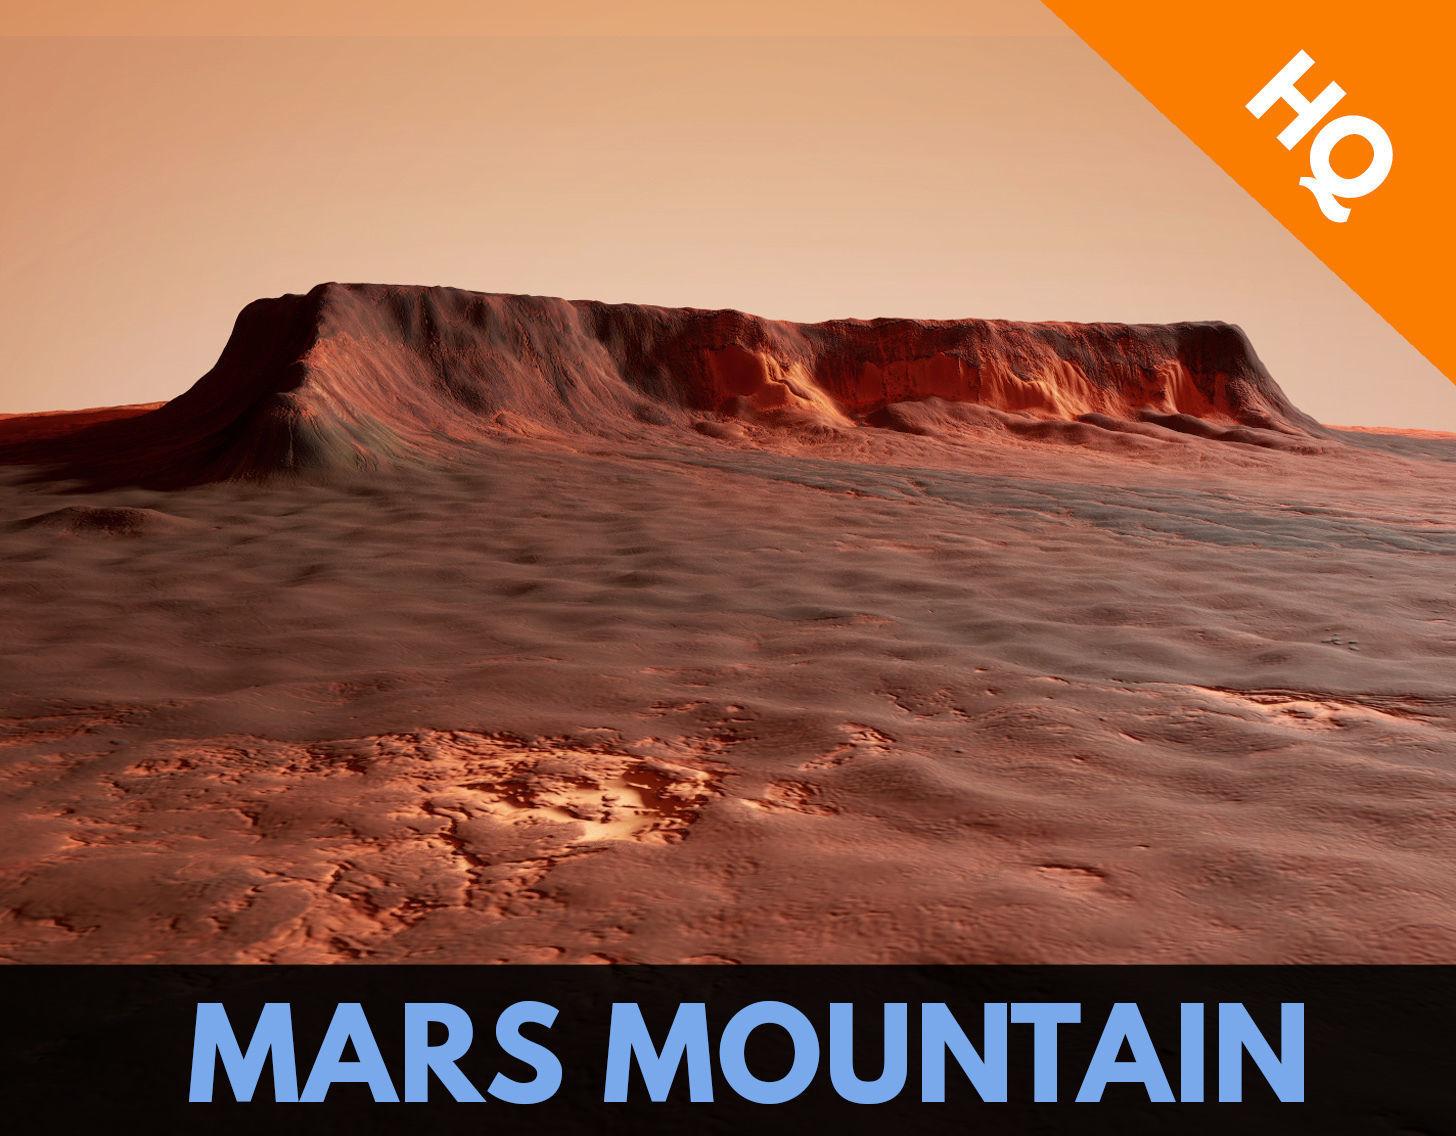 Mars Planet Mountain Desert Dunes Terrain Landscape PBR